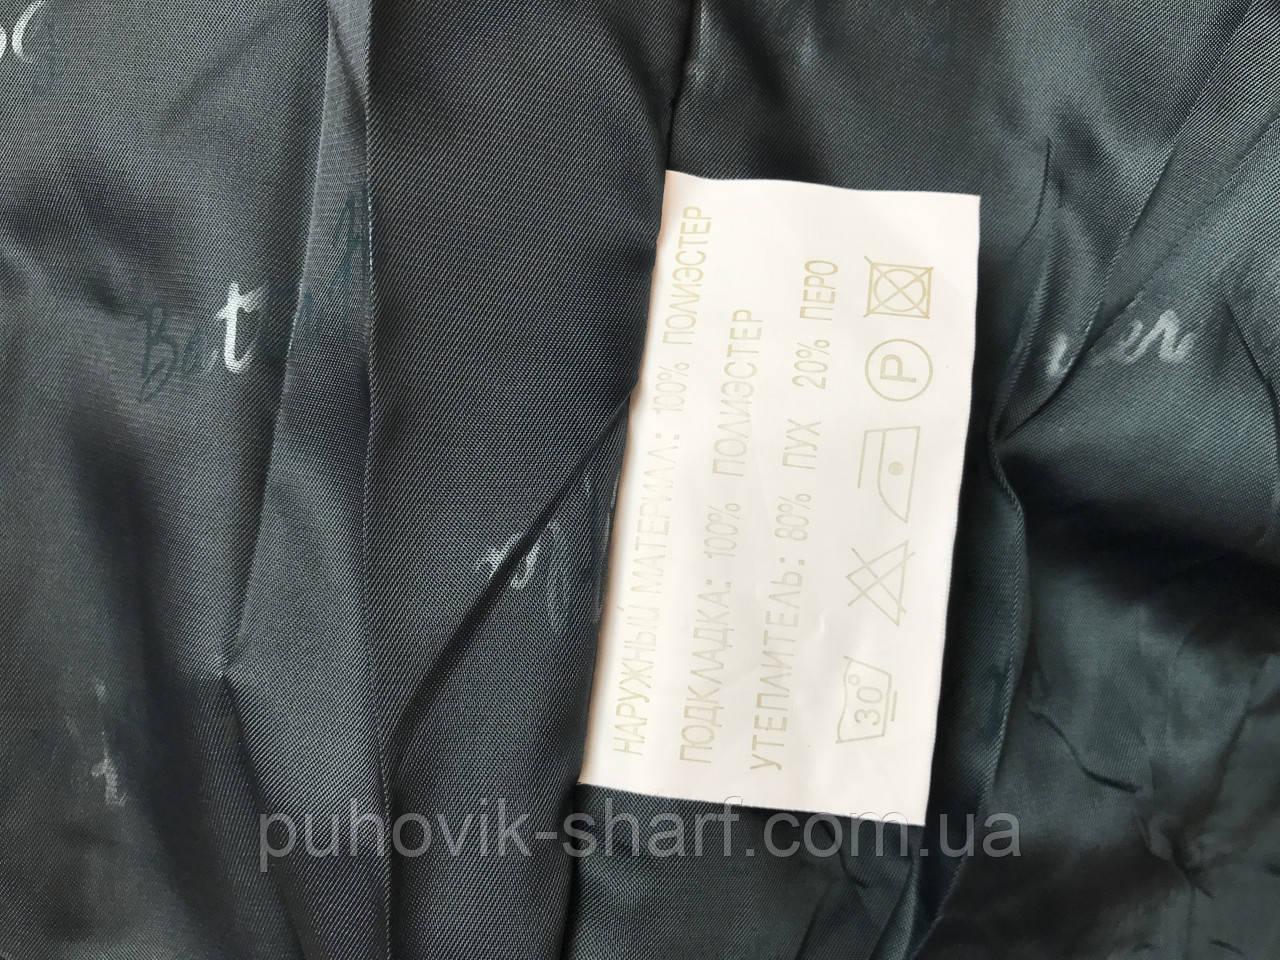 1d92f6a0709 Качественное зимнее пальто недорого  продажа